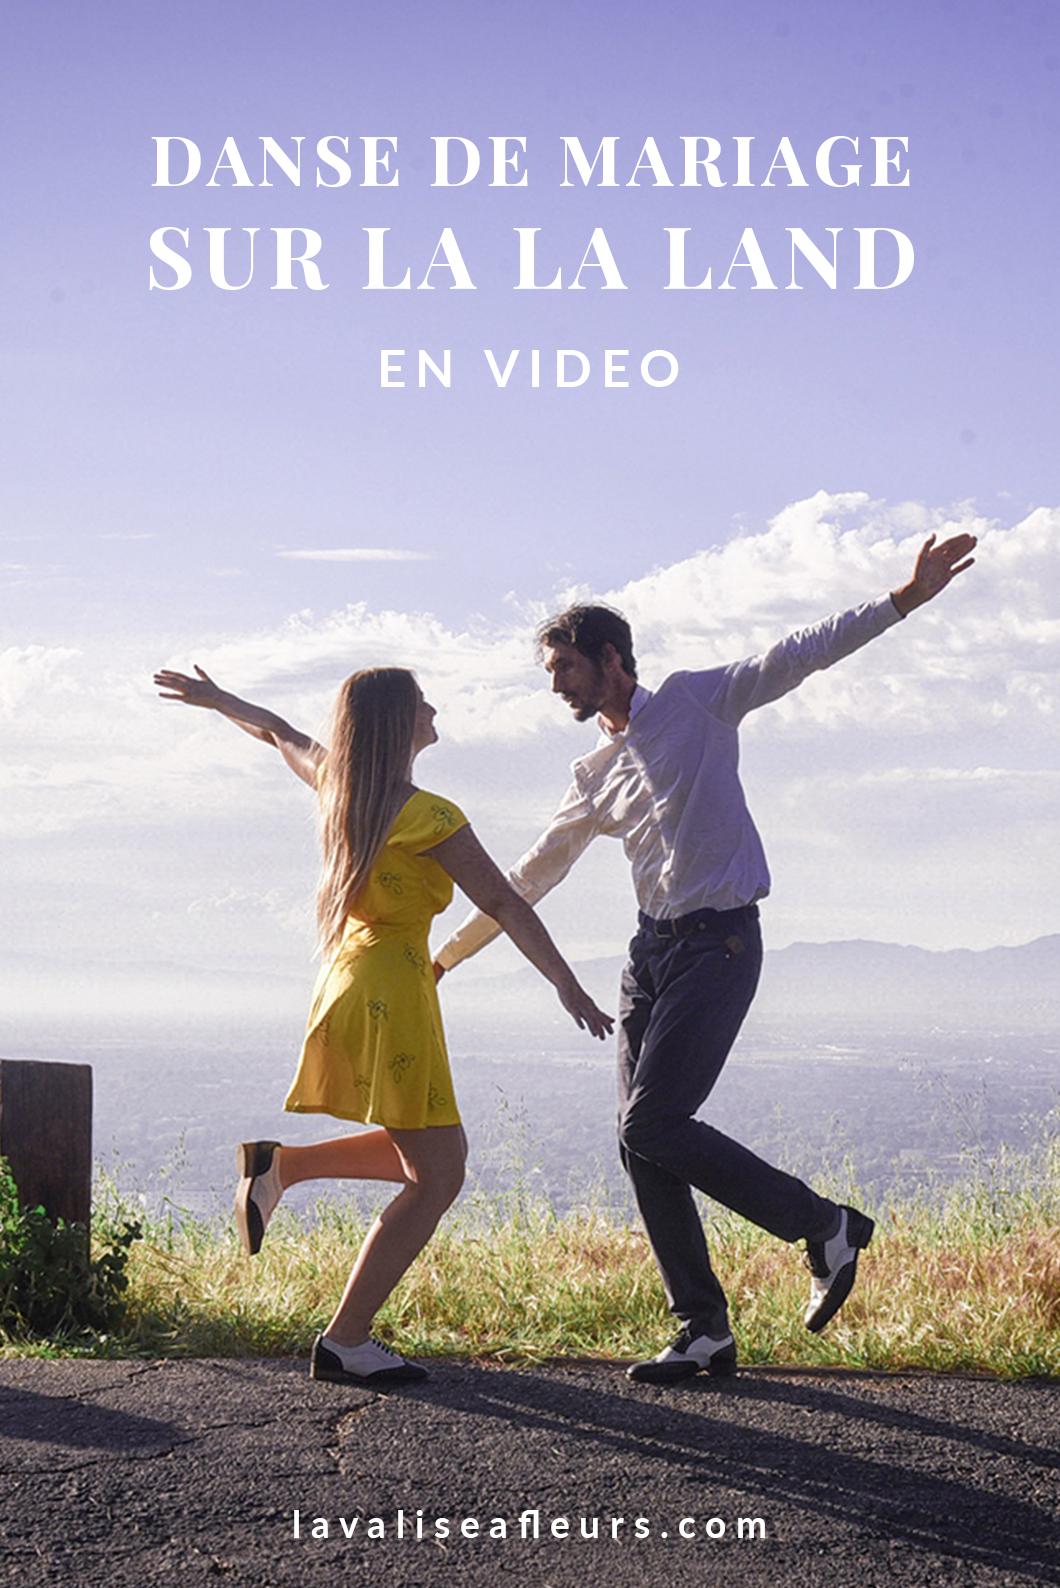 Video de notre danse de mariage sur La La Land